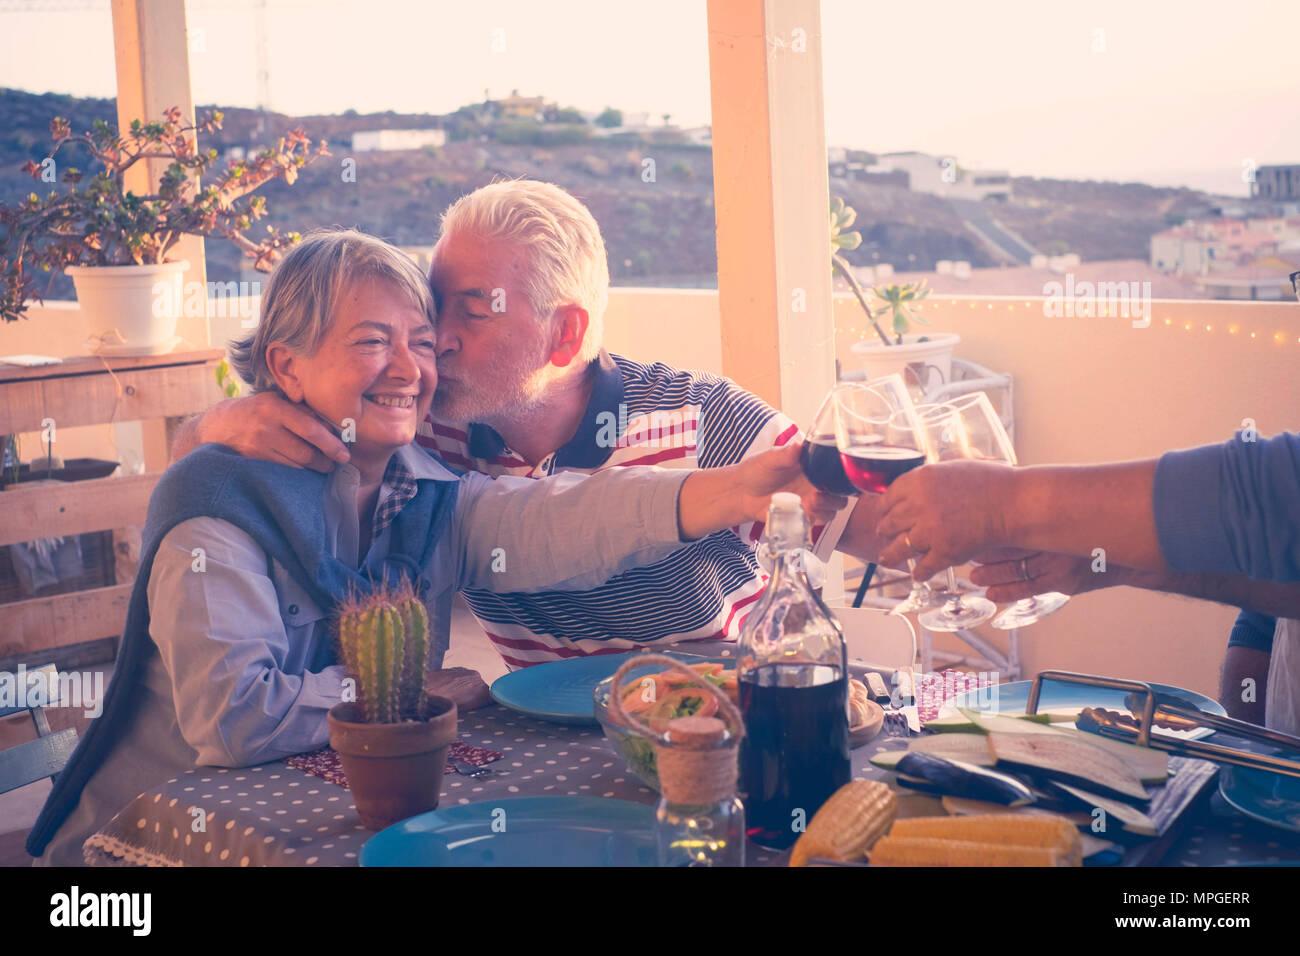 Gruppe von im Alter von älteren Freunde Erwachsene essen und Party schöne Zeit in der Dachterrasse im Freien mit Wein und Essen. Spaß und Küssen du Stockbild